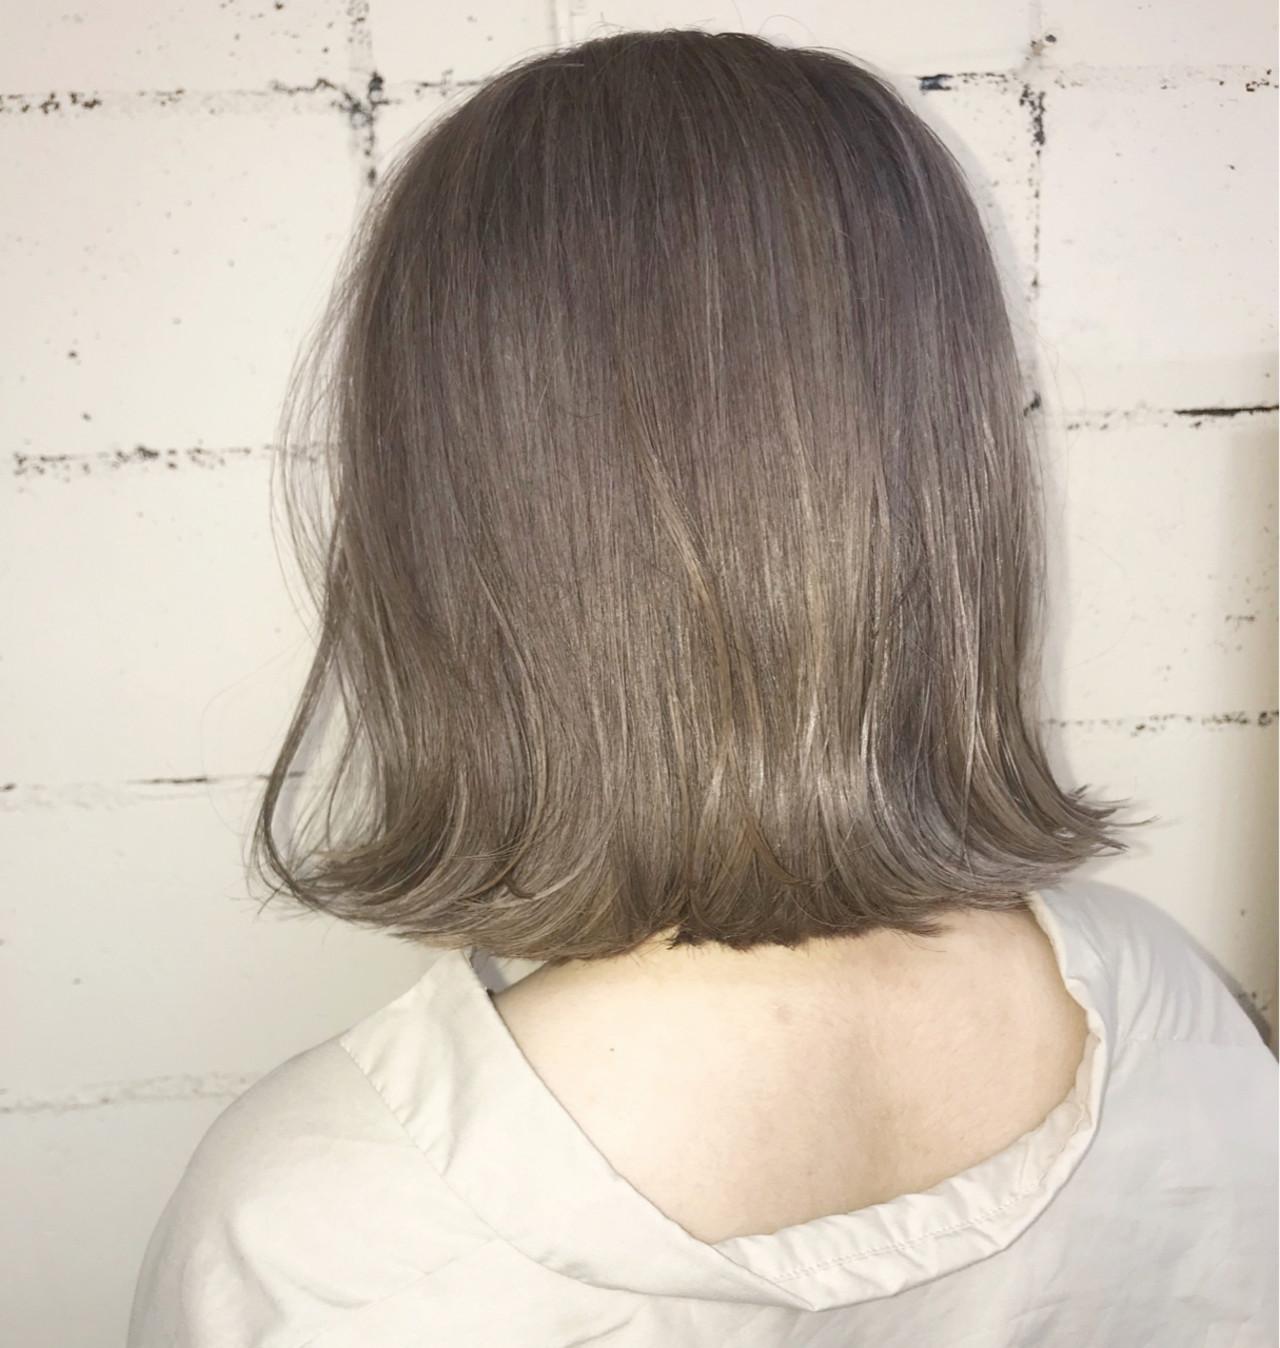 ナチュラル グレーアッシュ 外国人風 ボブ ヘアスタイルや髪型の写真・画像